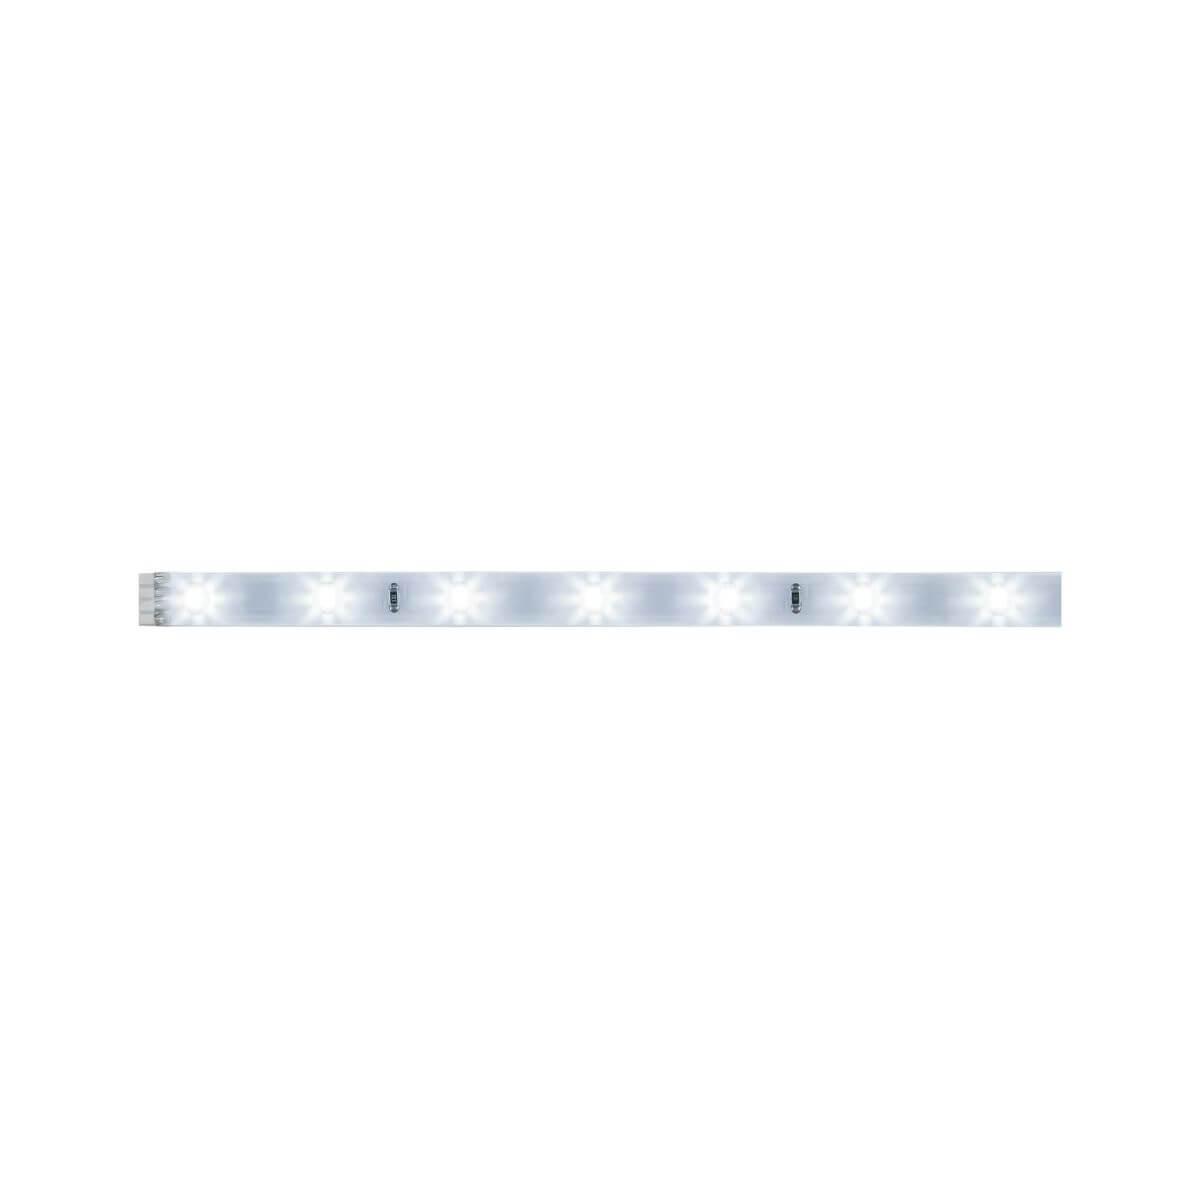 Paulmann YourLED Stripe 97 cm Tageslichtweiß IP44 Weiß, klar beschichtet